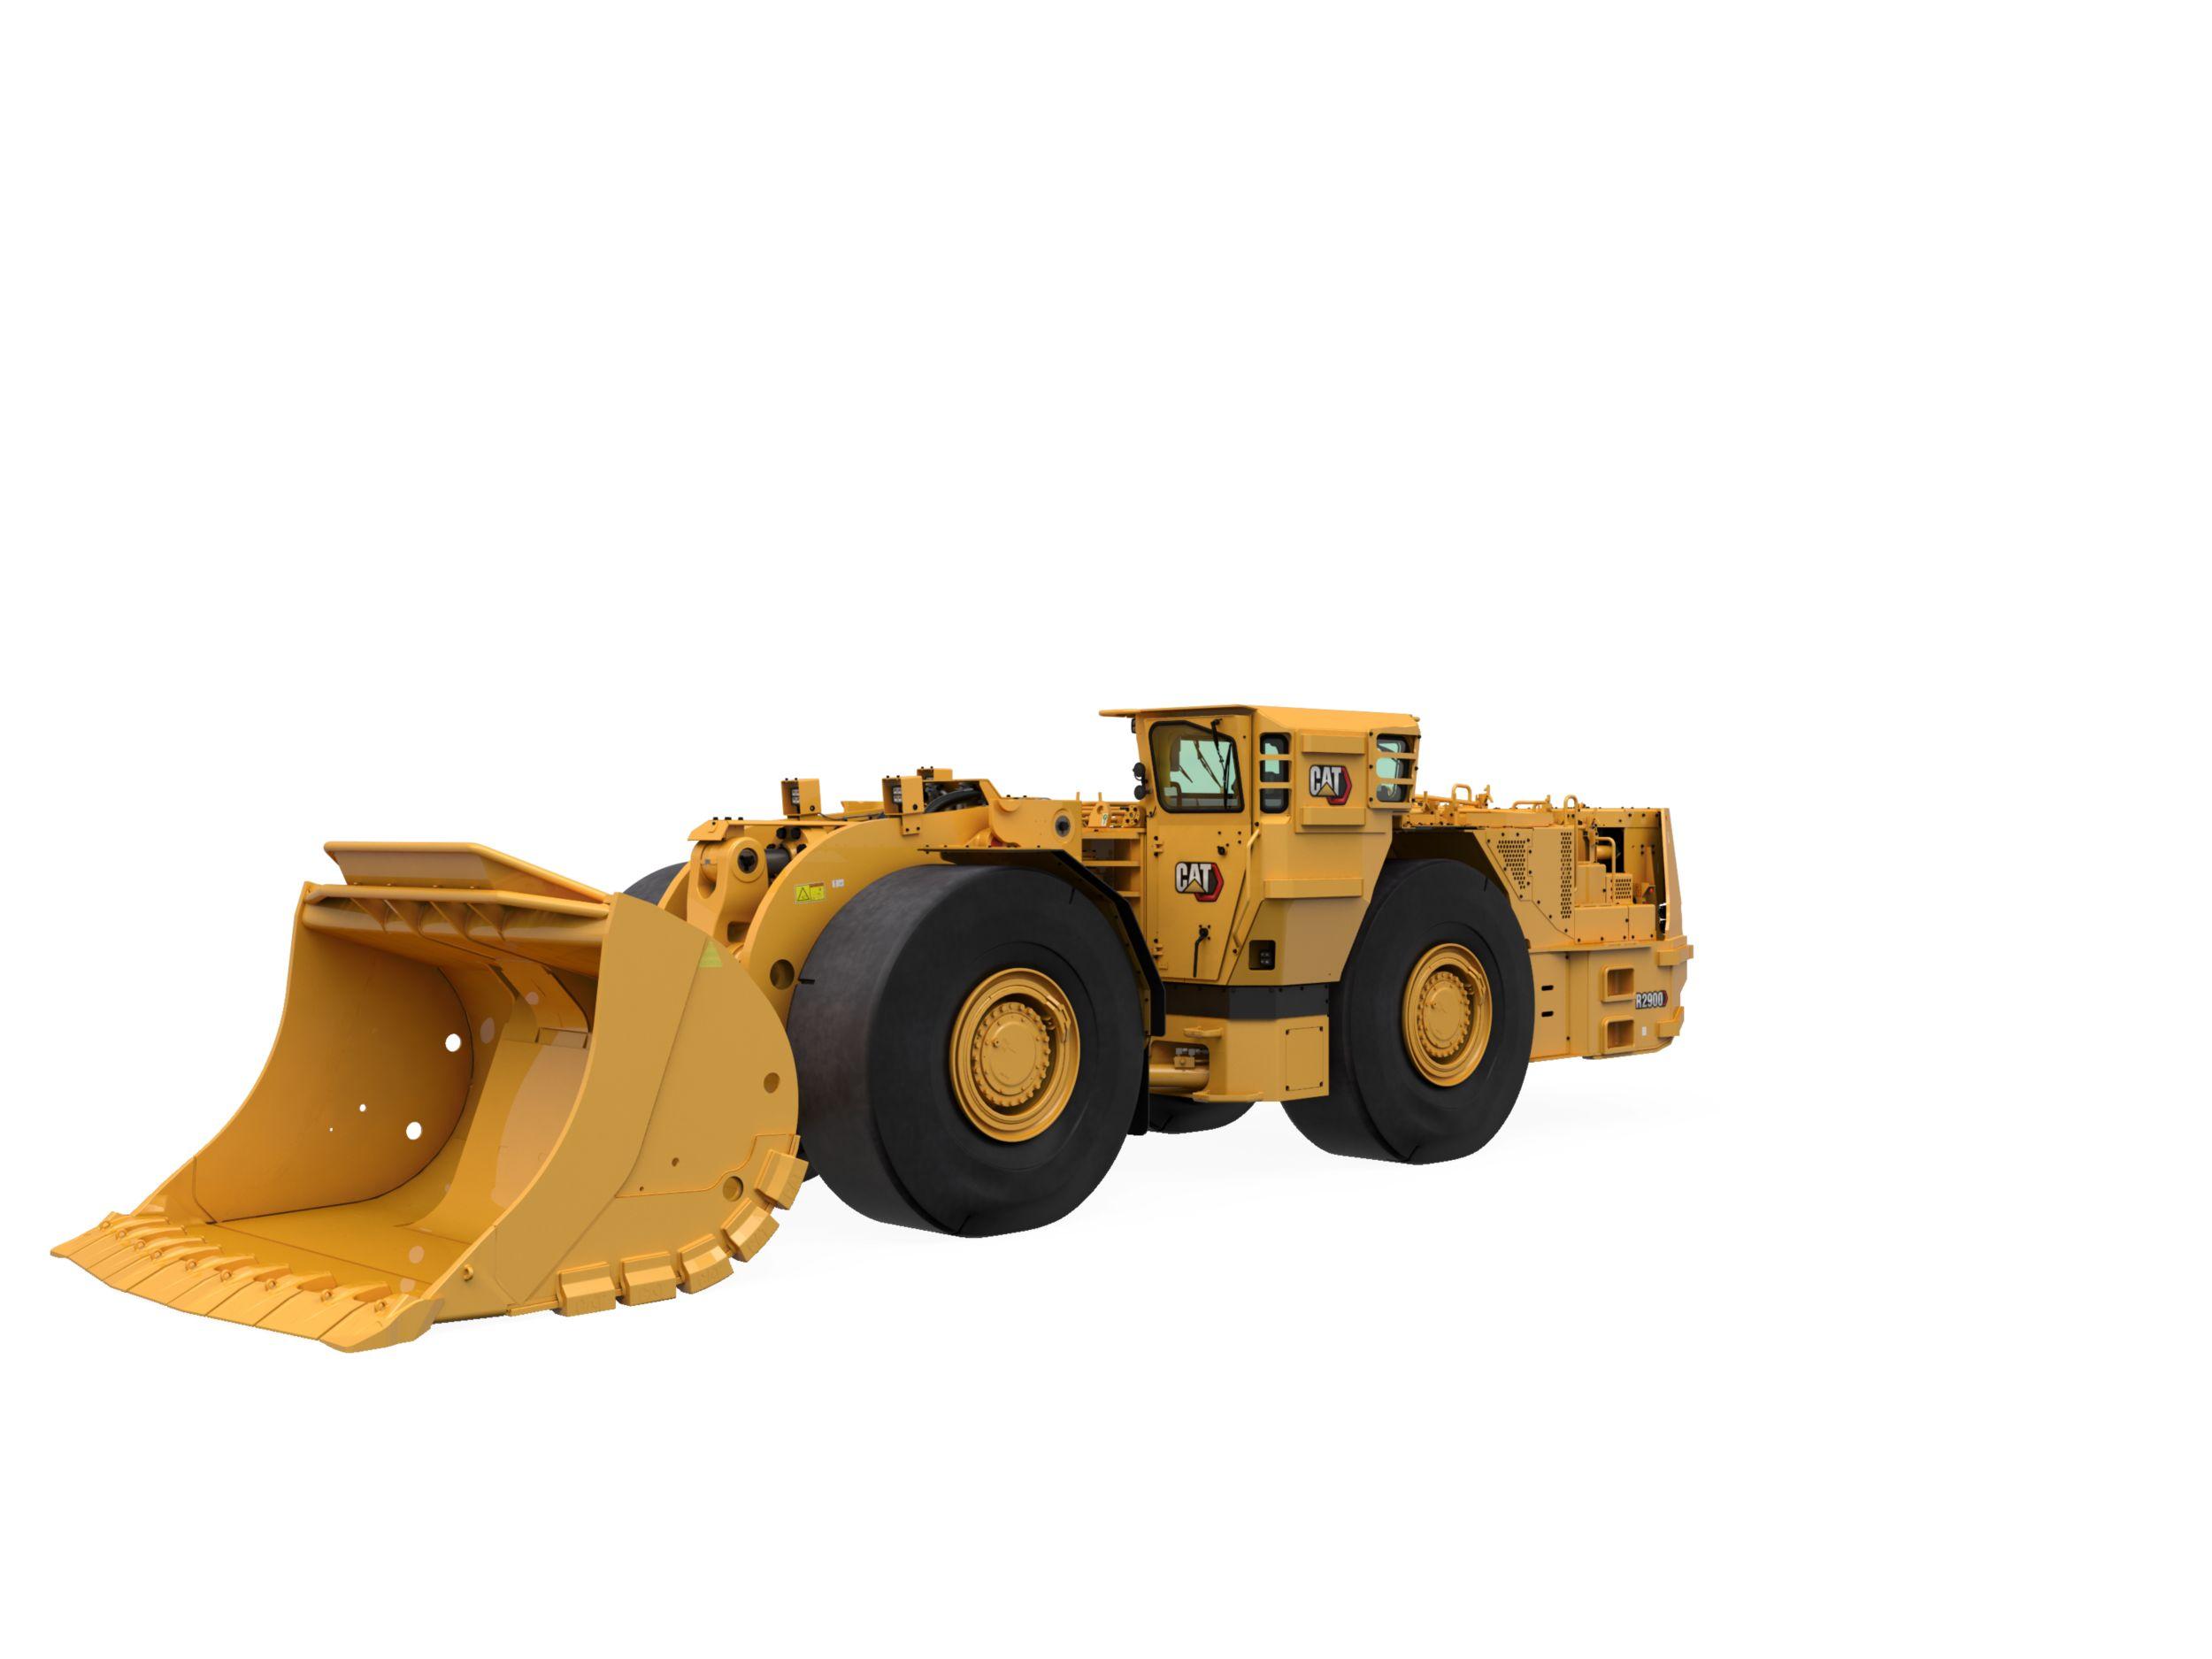 Fotografía del Cargadoras de transporte y descarga (LHD, Load-Haul-Dump) de minería subterránea